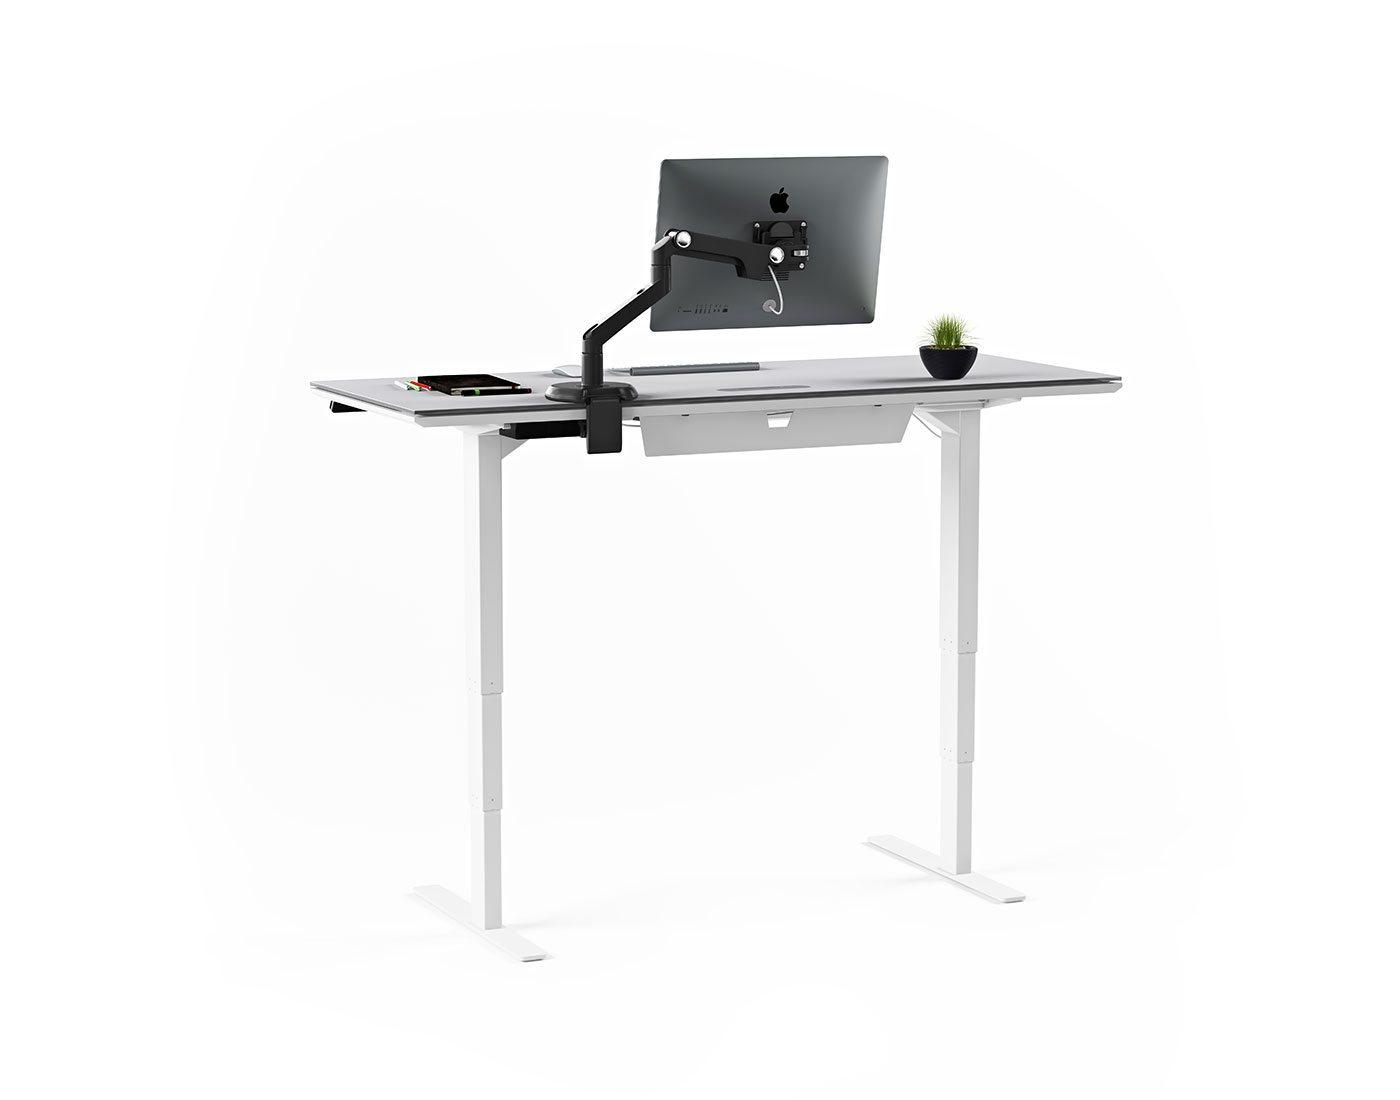 centro_lift_desk_6451_bdi_standing_desk_6